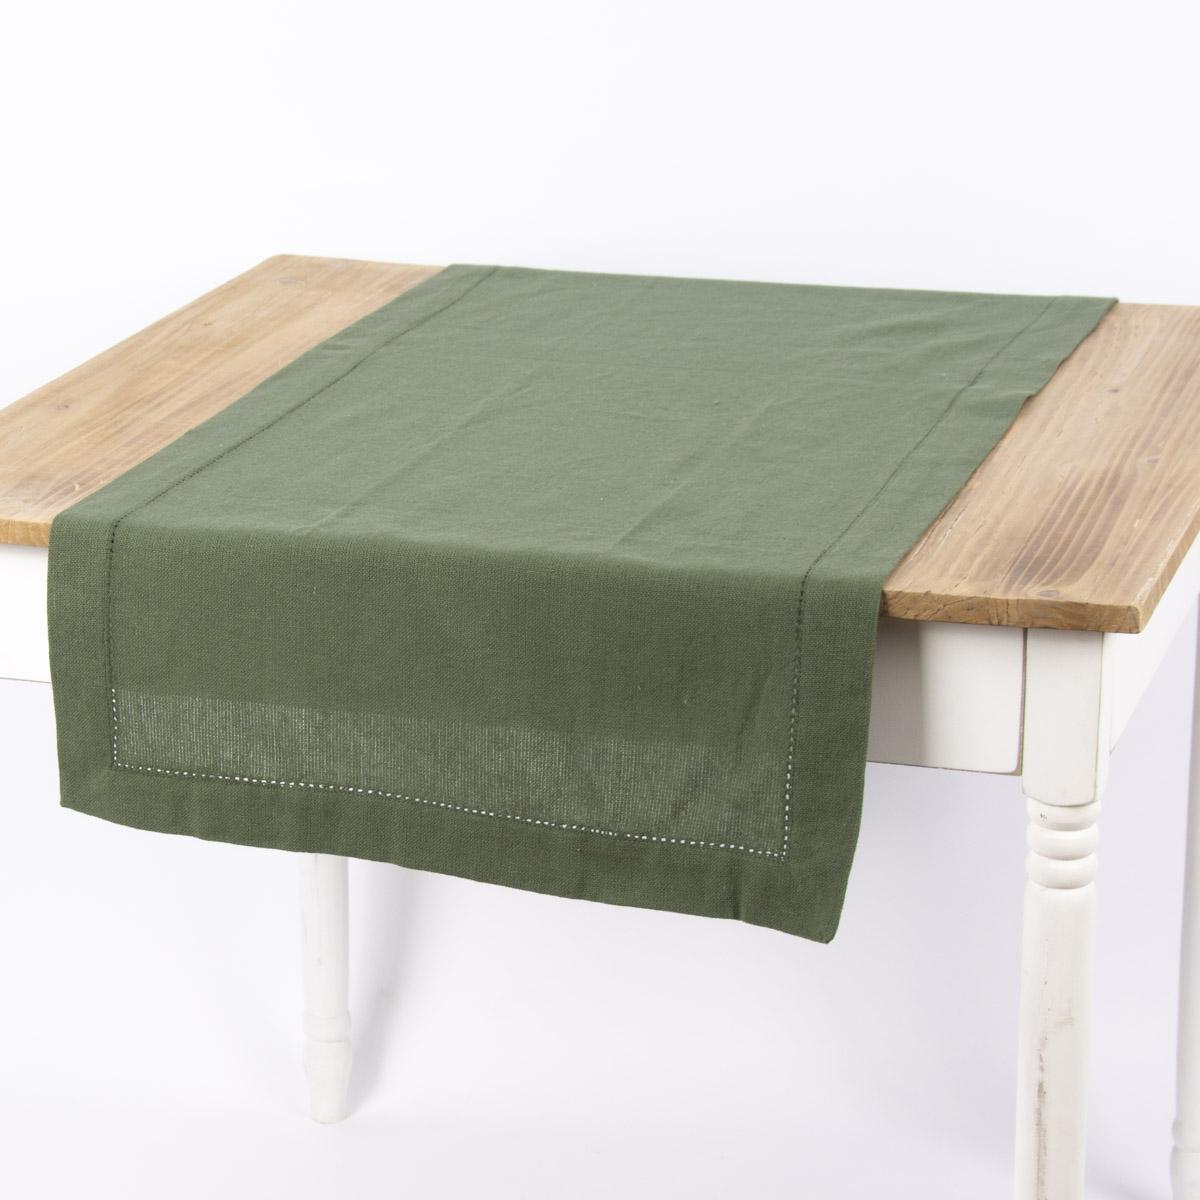 Linen & More Tischläufer Indi einfarbig army grün 50x140cm